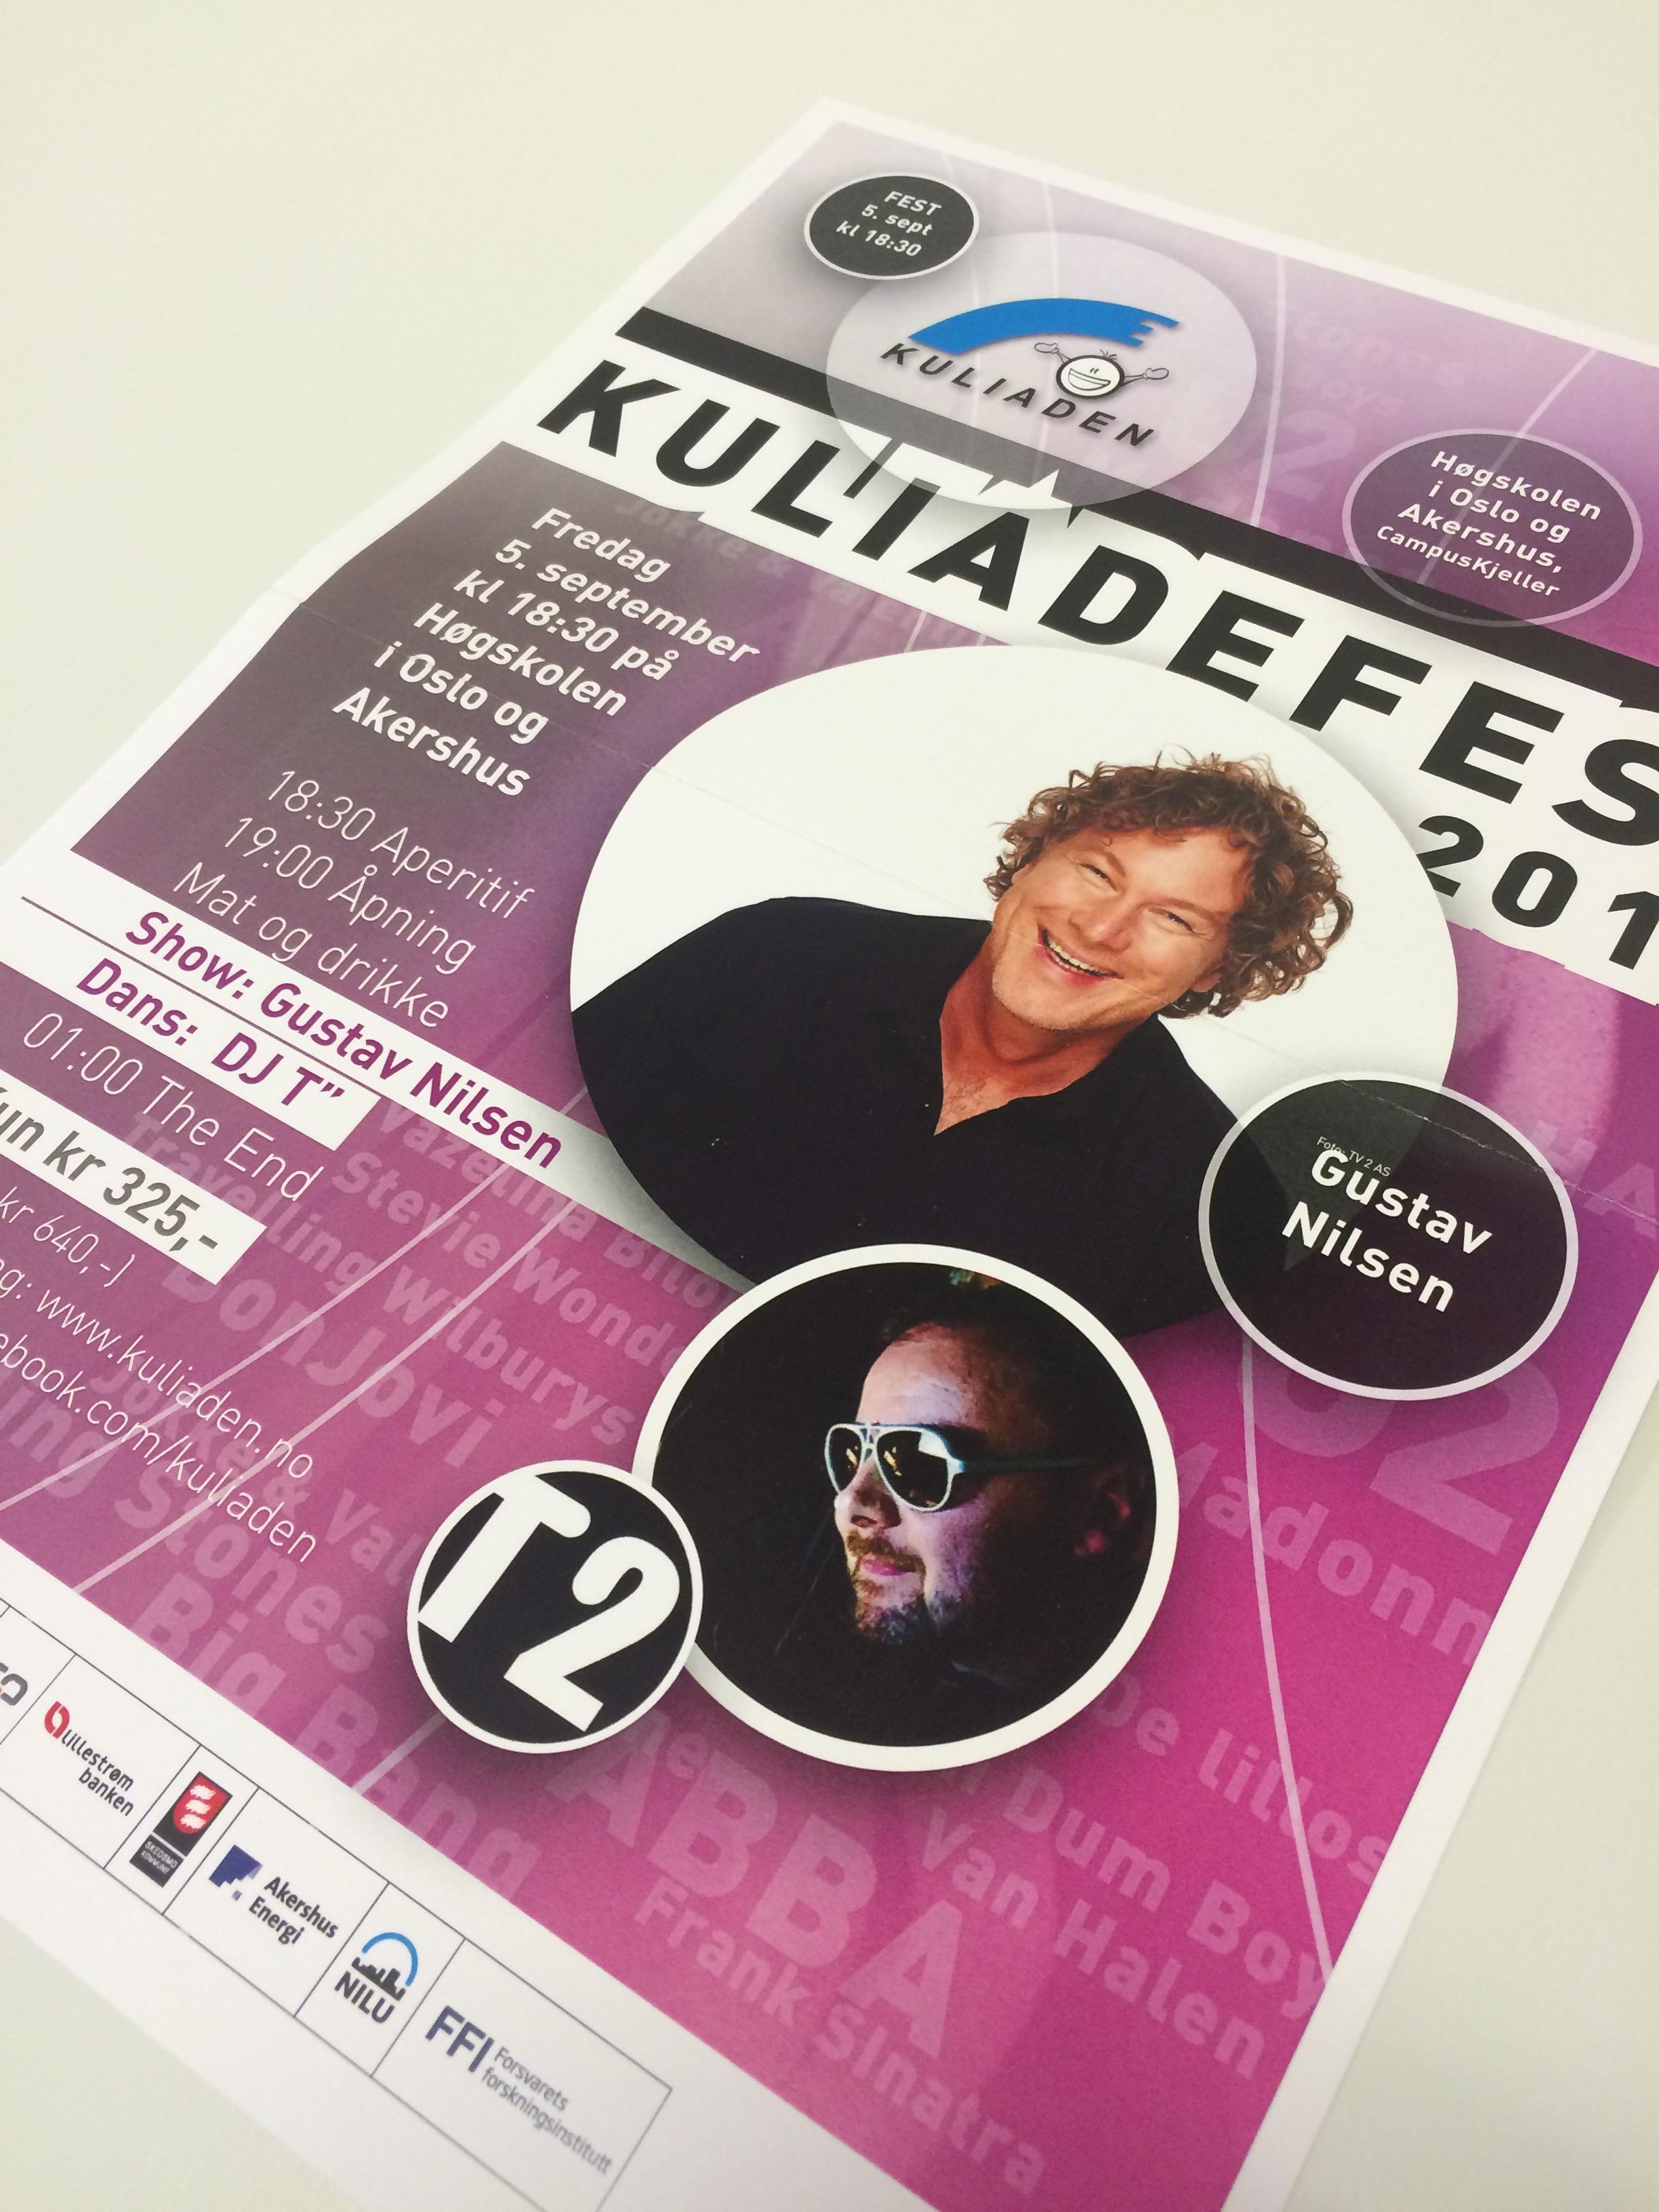 Plakat for Kuliaden, Kunnskapsbyen Lillestrøm